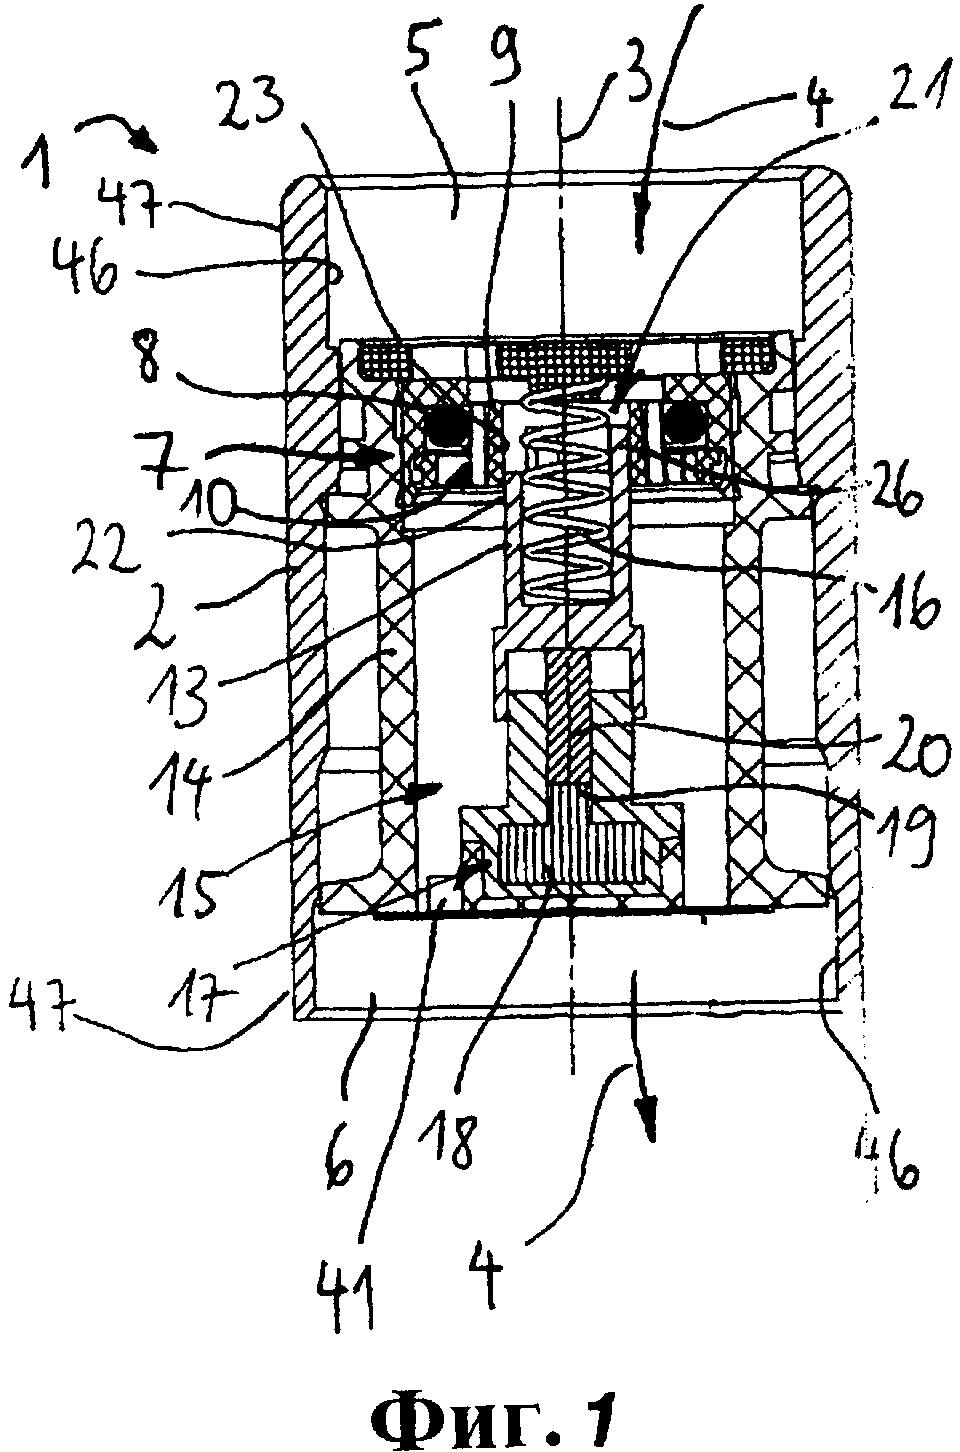 Санитарно-технический вставной элемент и санитарно-техническое оборудование с таким вставным элементом